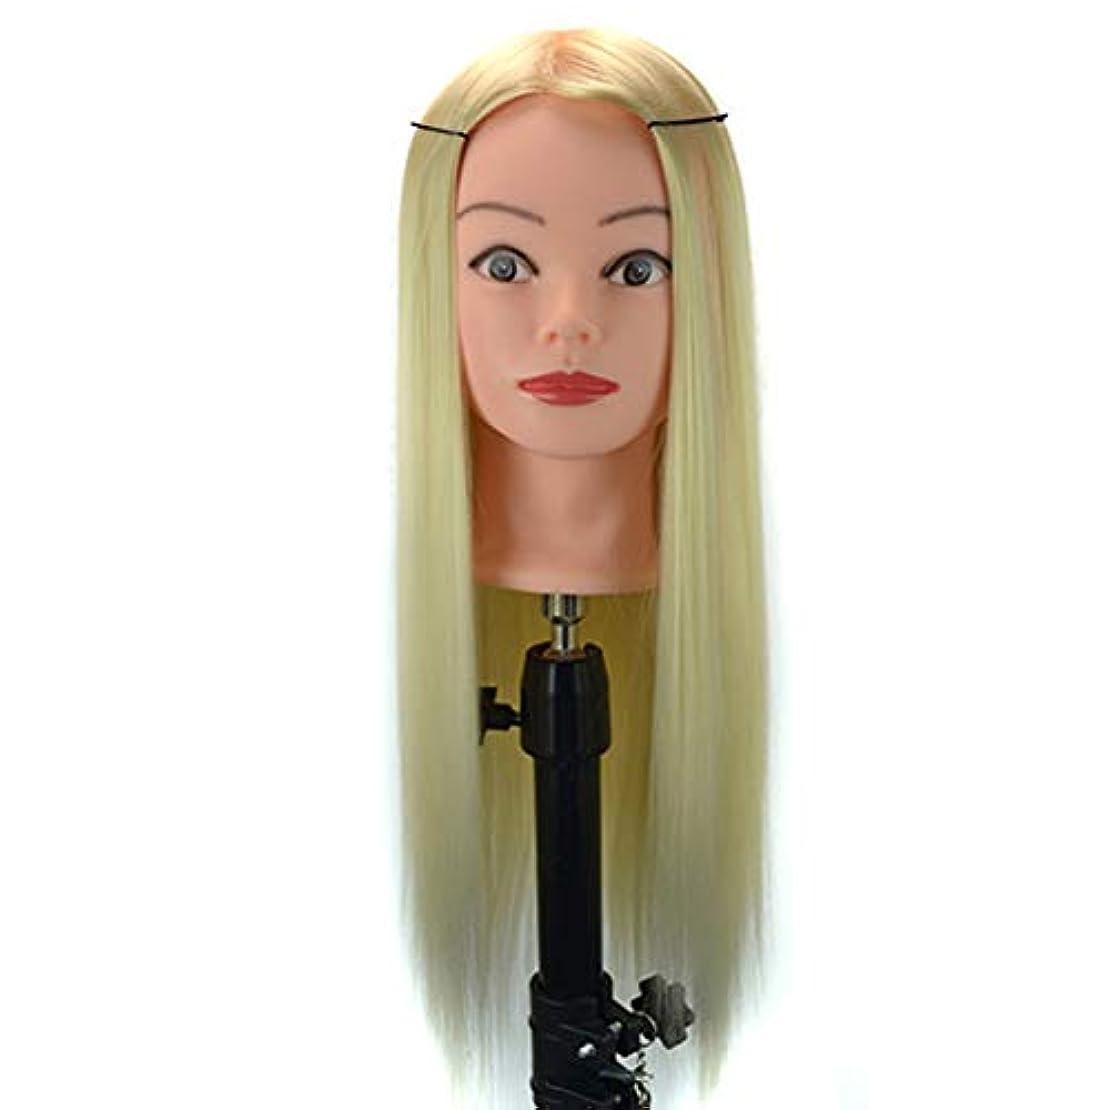 トランクライブラリお別れ報復する高温ワイヤートレーニングヘッド理髪マネキン人形ヘッドメイクプレートヘアー練習帽子ジュエリーディスプレイヘッド金型,offwhite